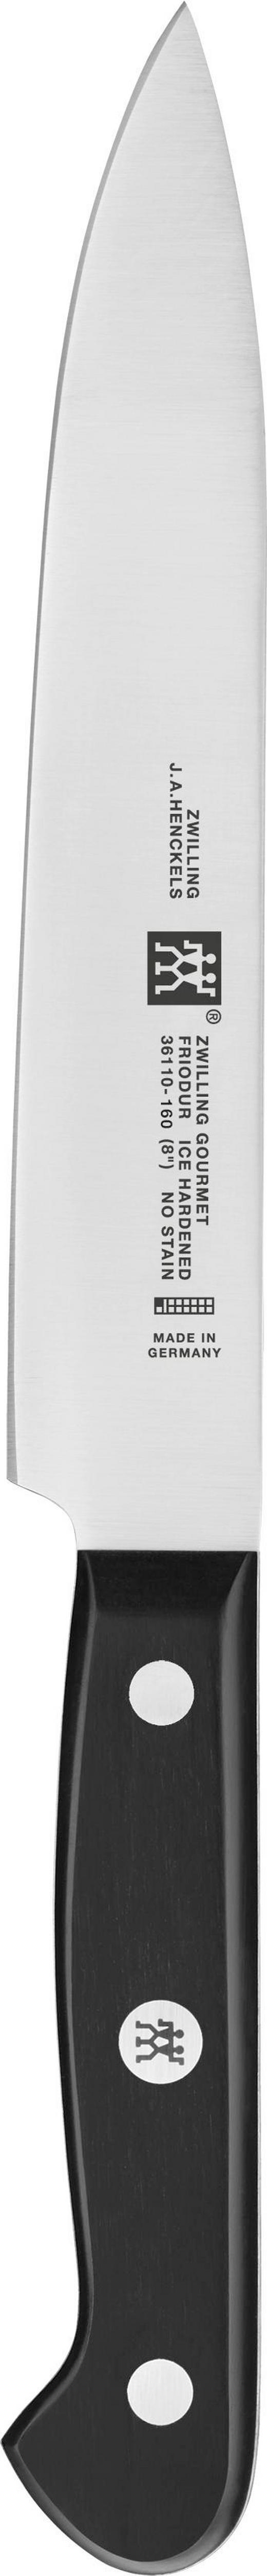 FLEISCHMESSER  16 cm - Silberfarben/Schwarz, Basics, Kunststoff/Metall - Zwilling